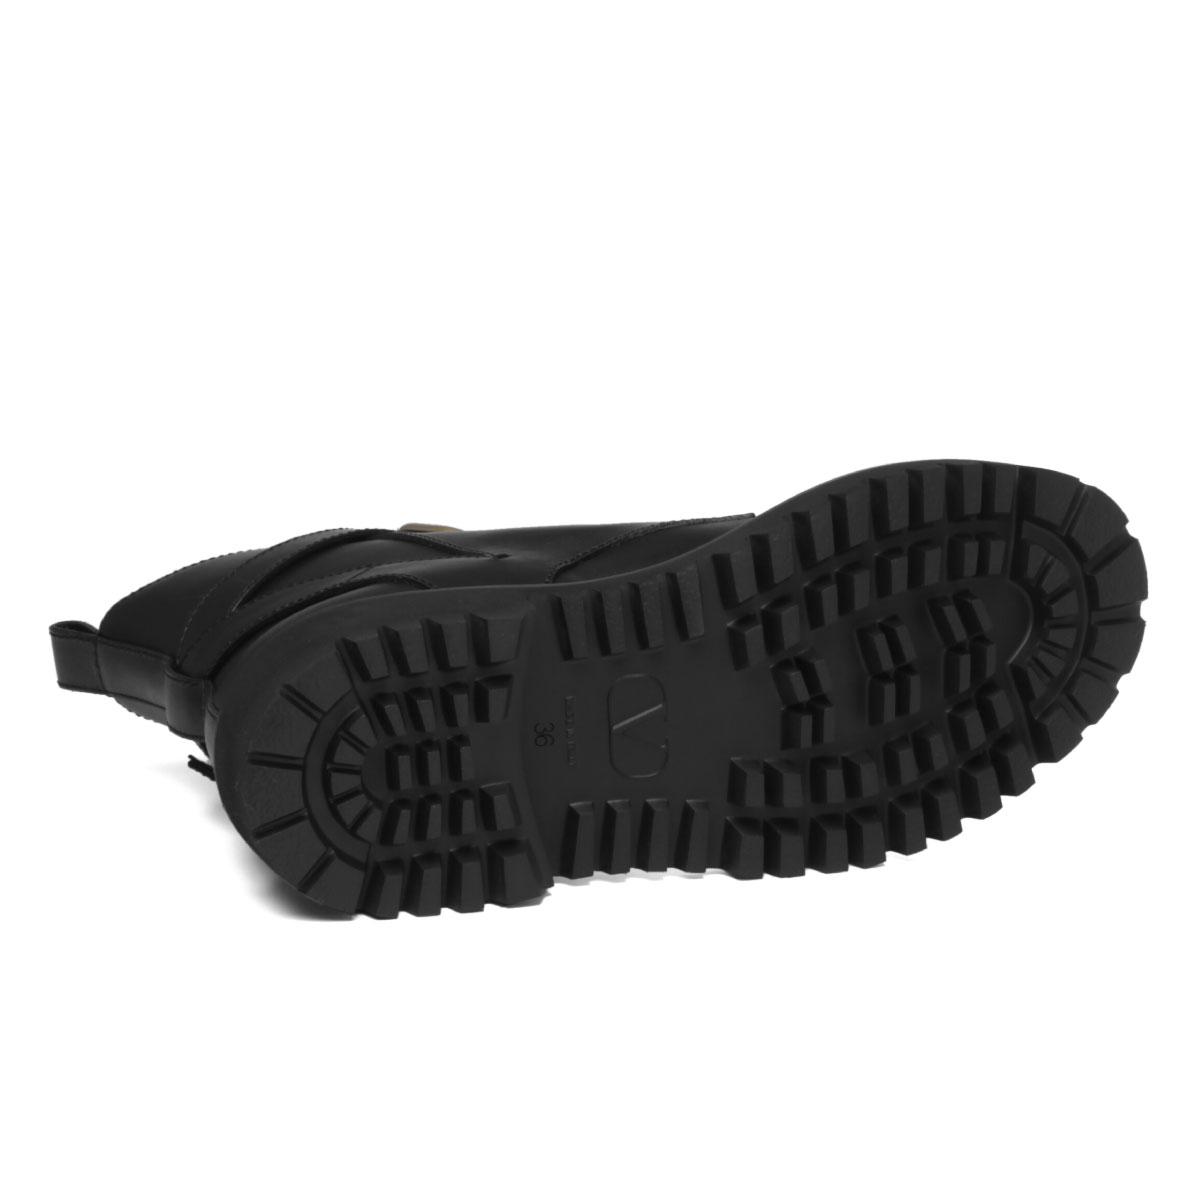 VALENTINO ヴァレンティノ | ブーツ ショート